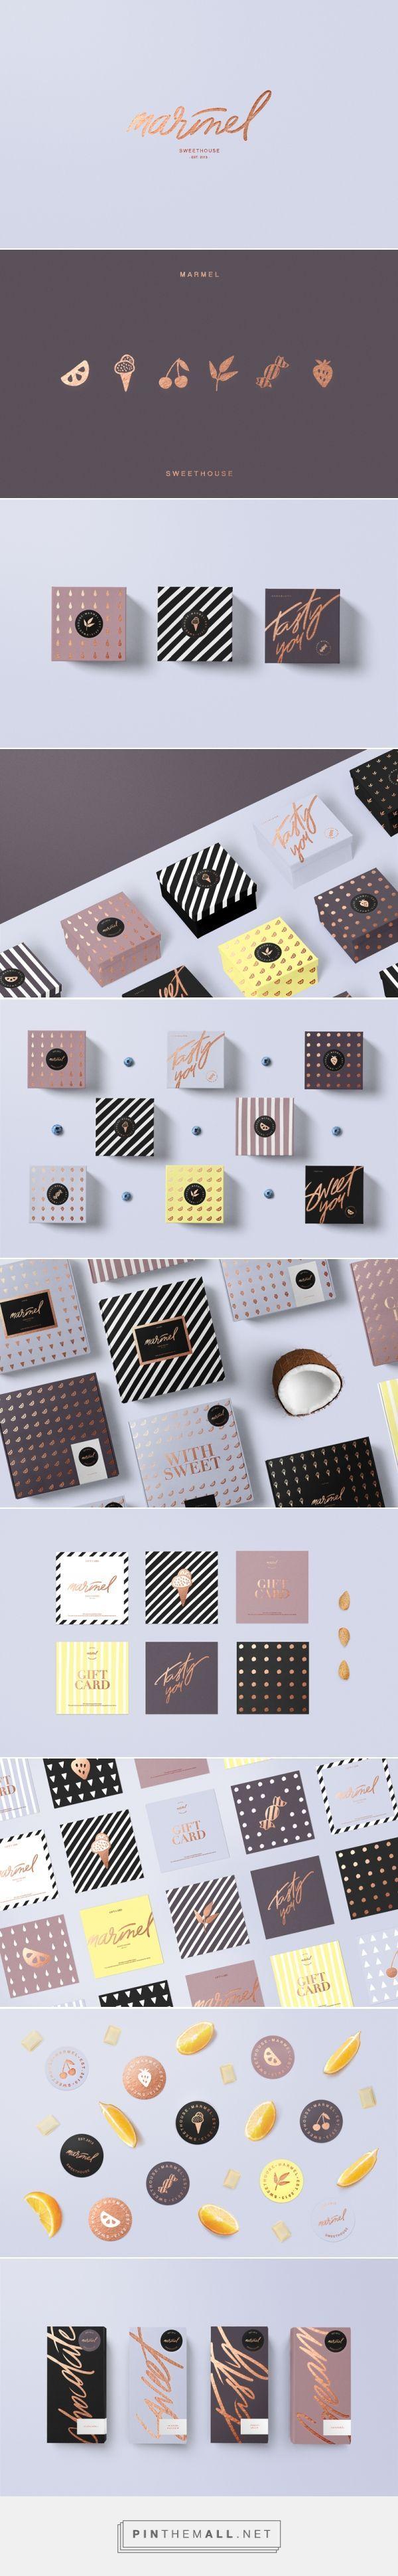 Marmel / Verpackung für Süßwarenladen von Diana Polar. Wenn Sie UX, Design oder Design Thinking mögen, besuchen Sie theuxblog.com